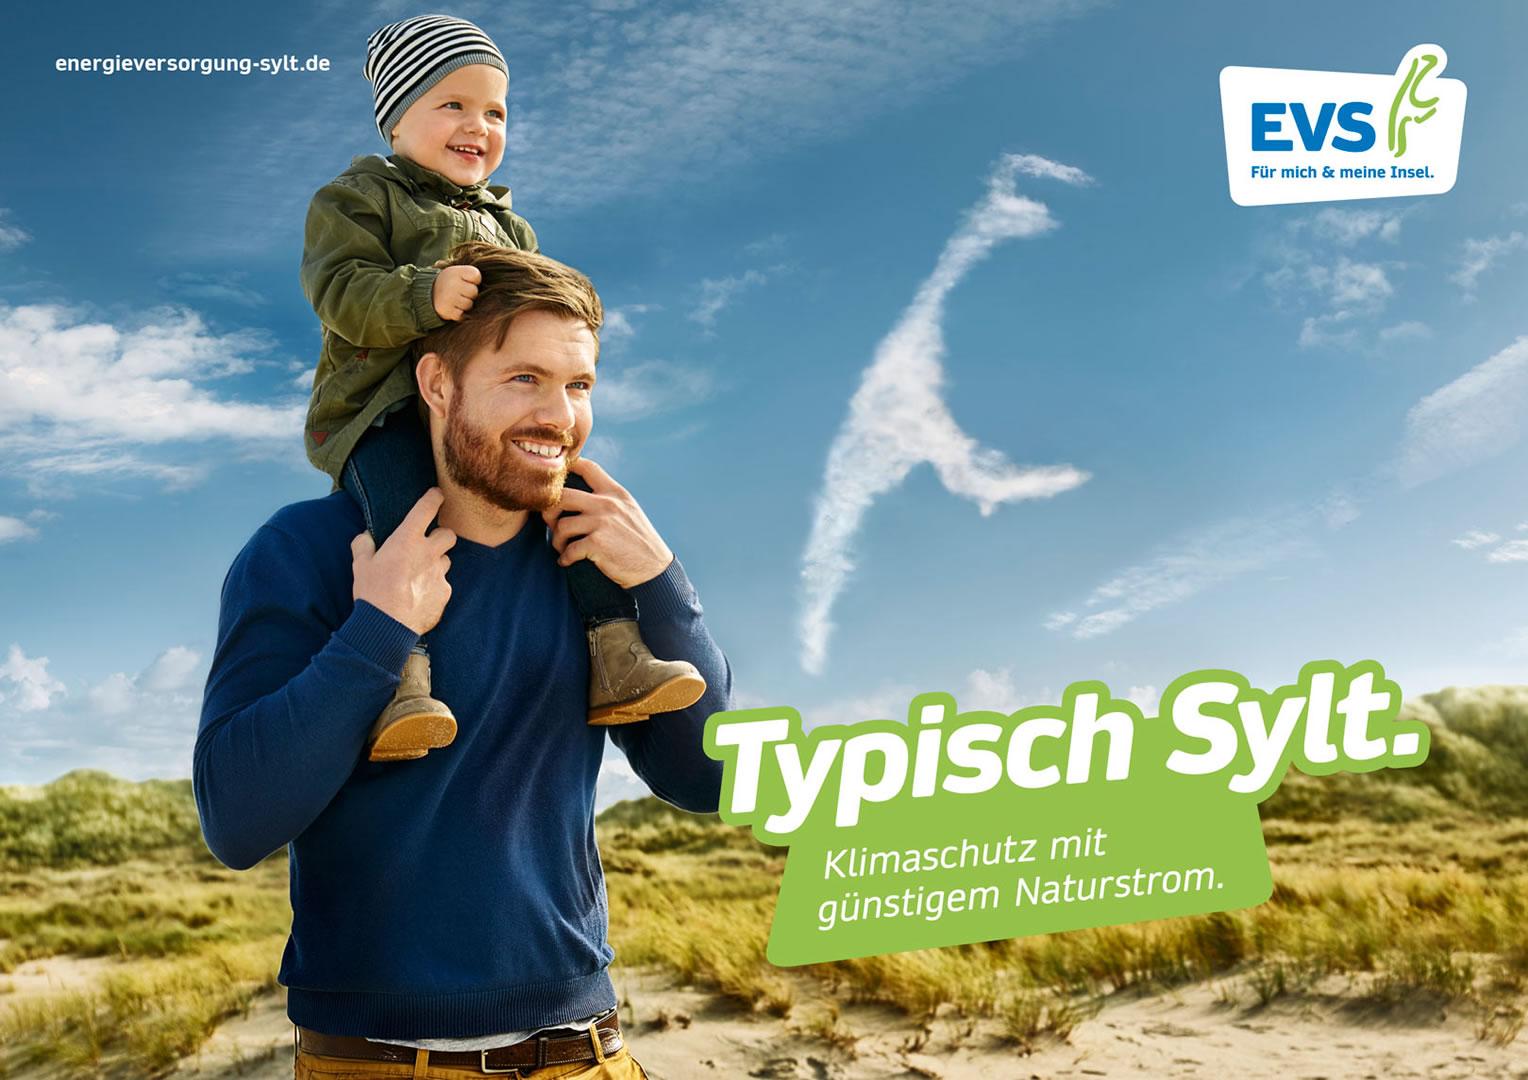 EVS_TypischSylt_Motive6